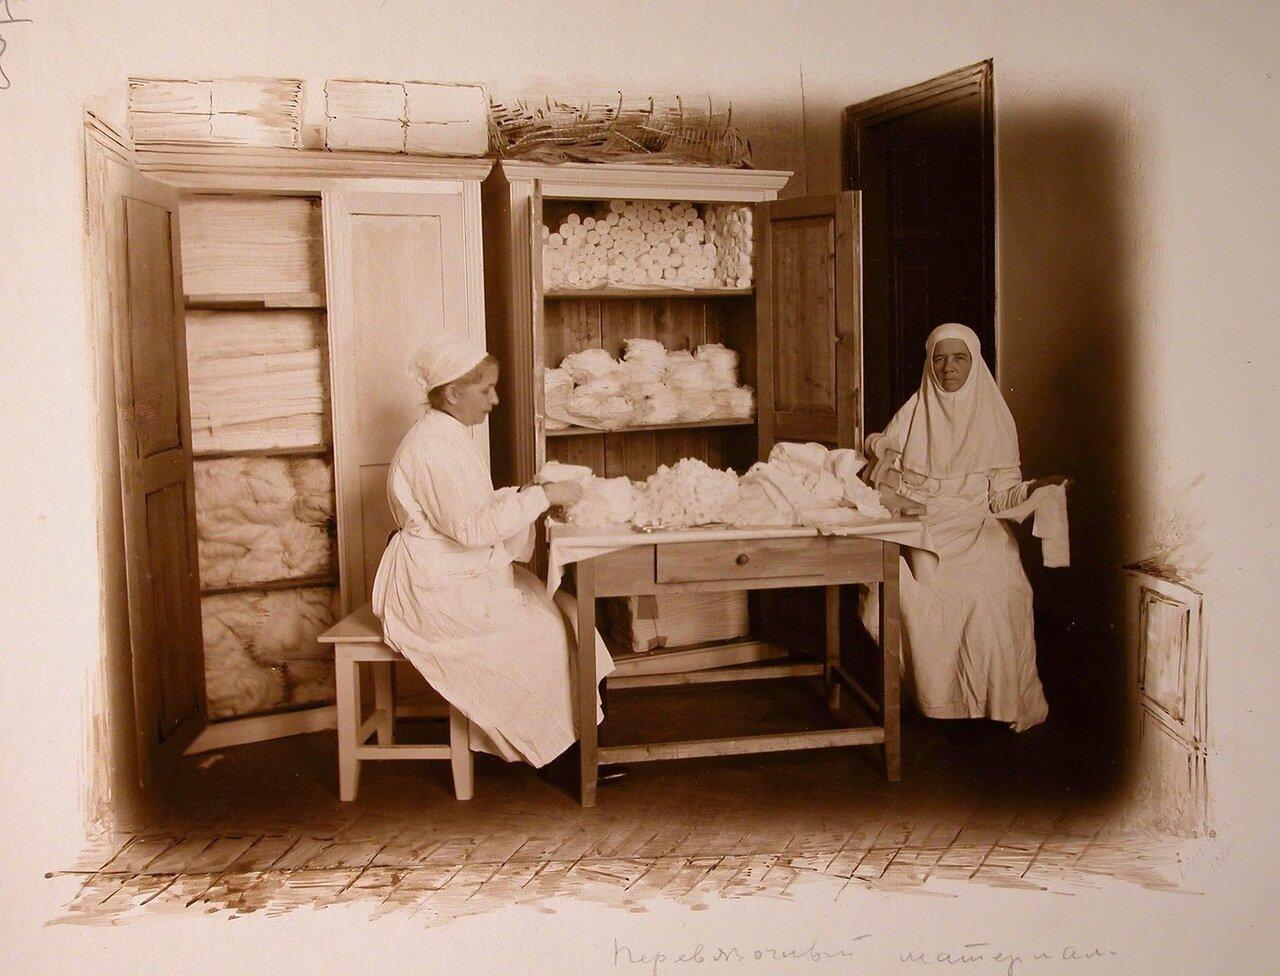 13. Санитарки госпиталя готовят перевязочный материал